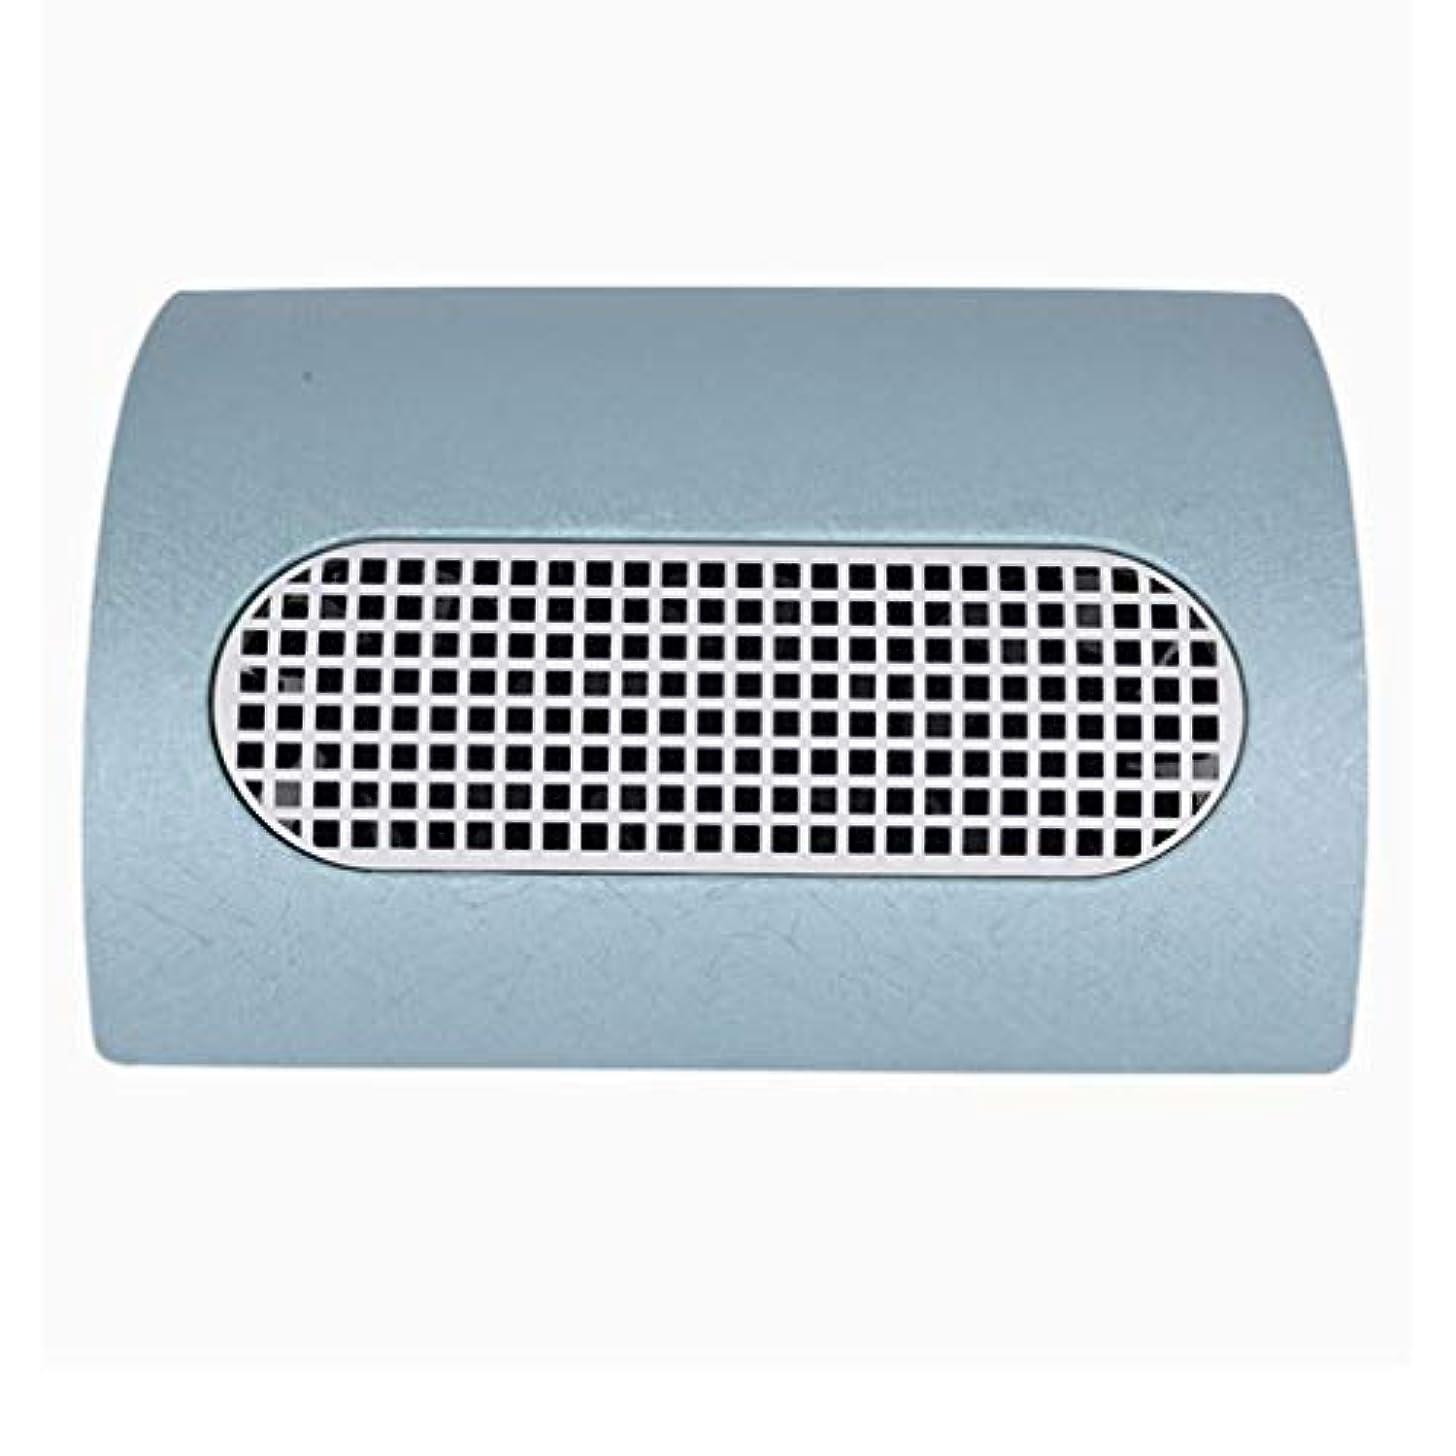 エンティティ煙扱う3つのファン釘の塵のコレクターのマニキュア機械 15W 2 つのレベルの速度を調節する釘の集じん器の釘の塵2の塵袋,ブルー